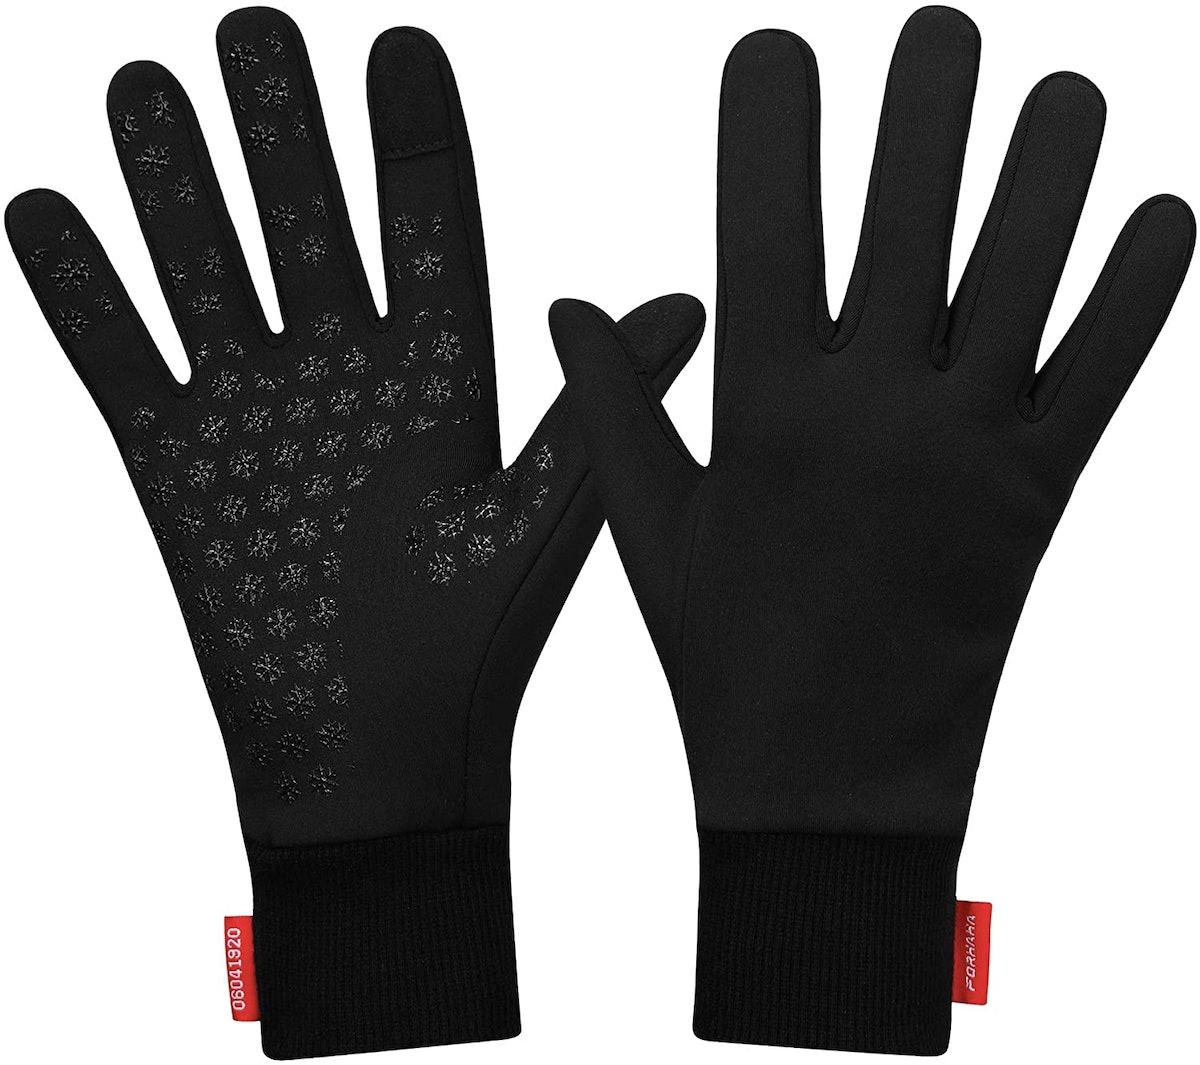 Forhaha Liner Gloves